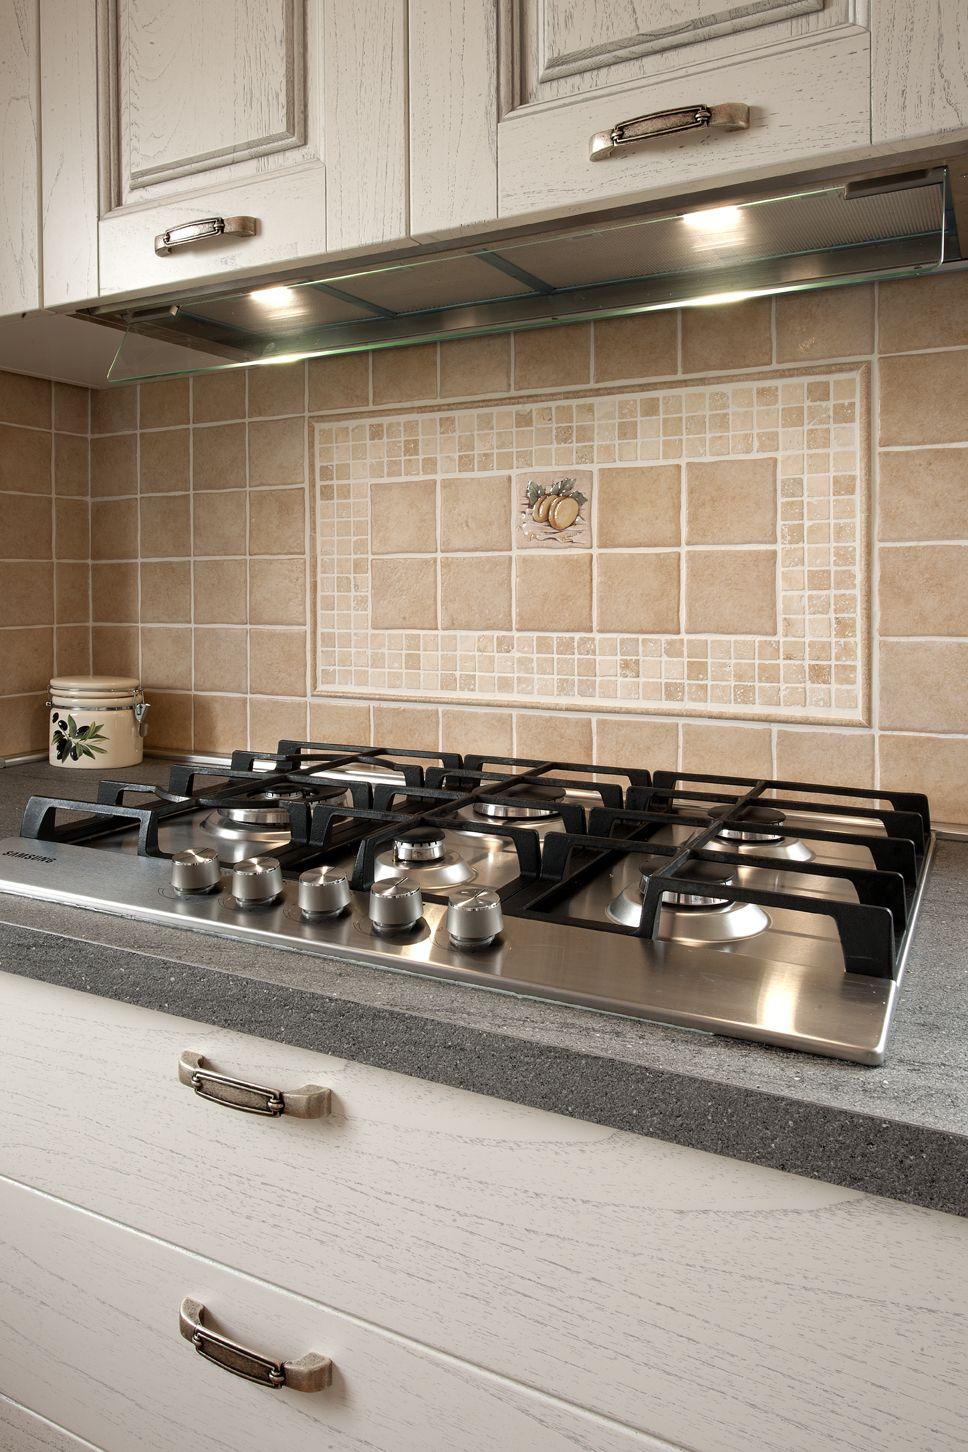 La cappa della cucina con luci a led che a scelta possono dare luce ...